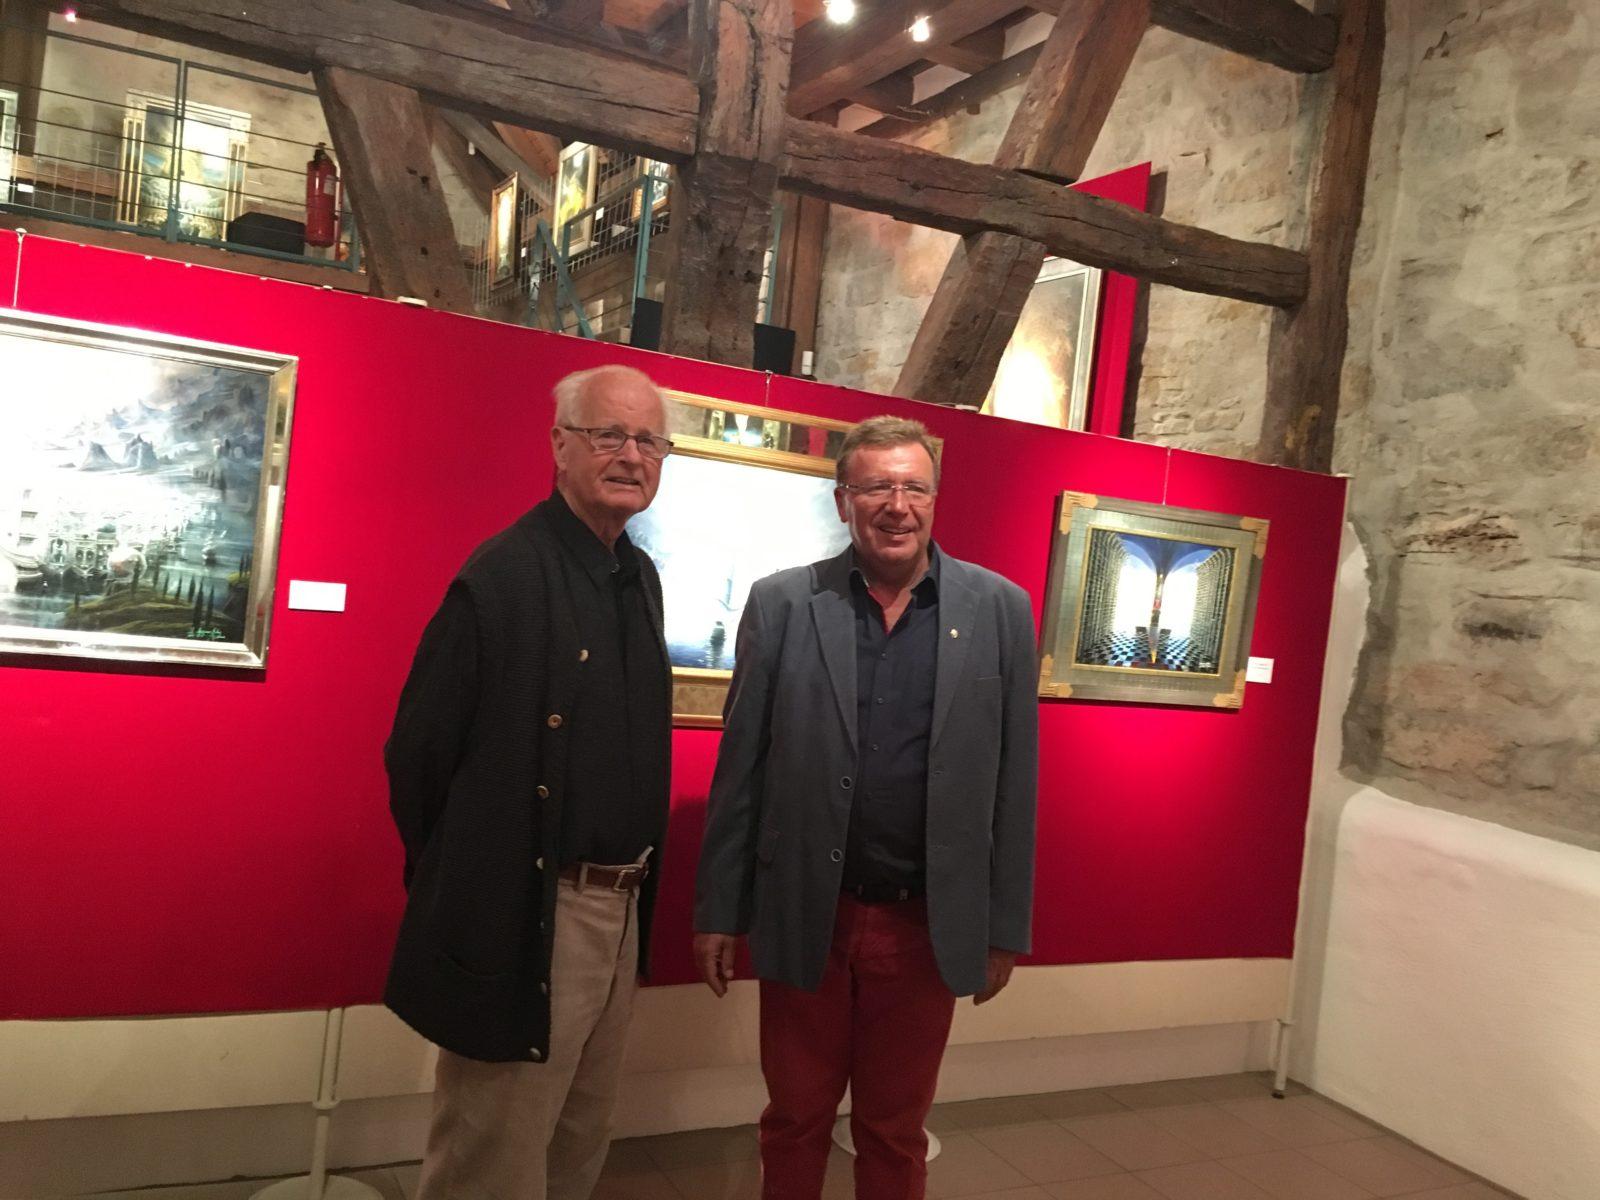 Retrospektive Angerer der Ältere mit Museumsleiter Hubert Sawatzki